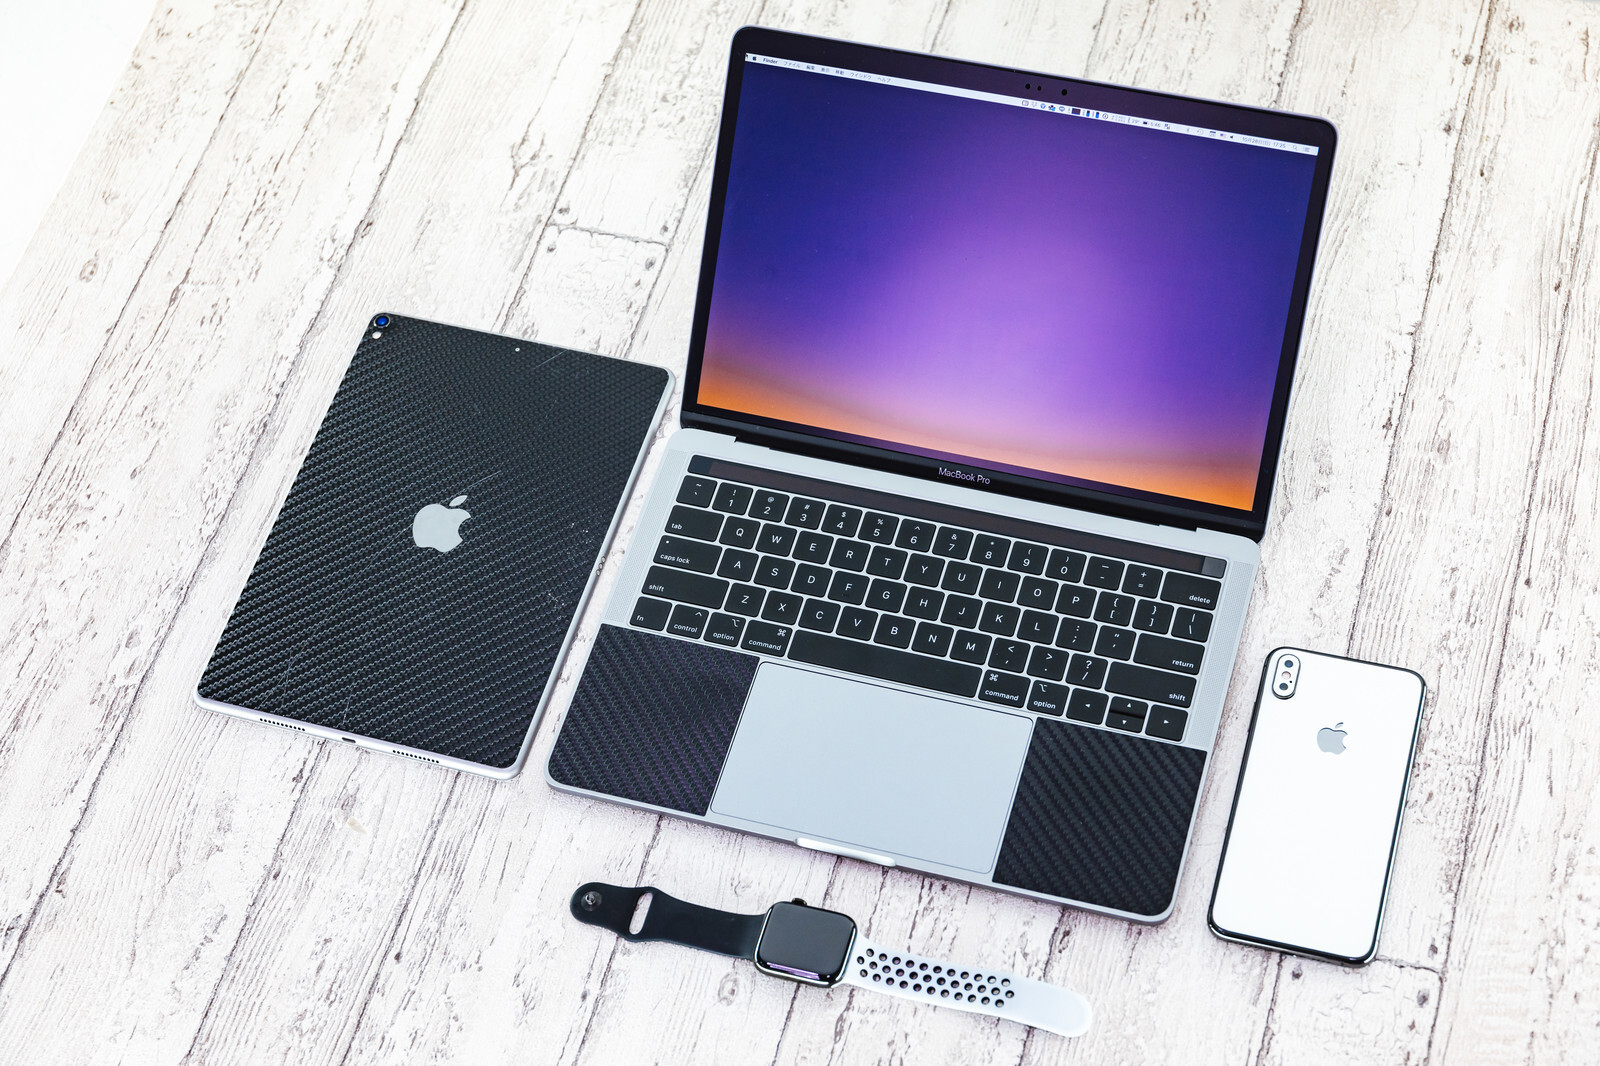 スマホ、タブレット、パソコンなど、オンライン英会話を受講できるデバイスの写真